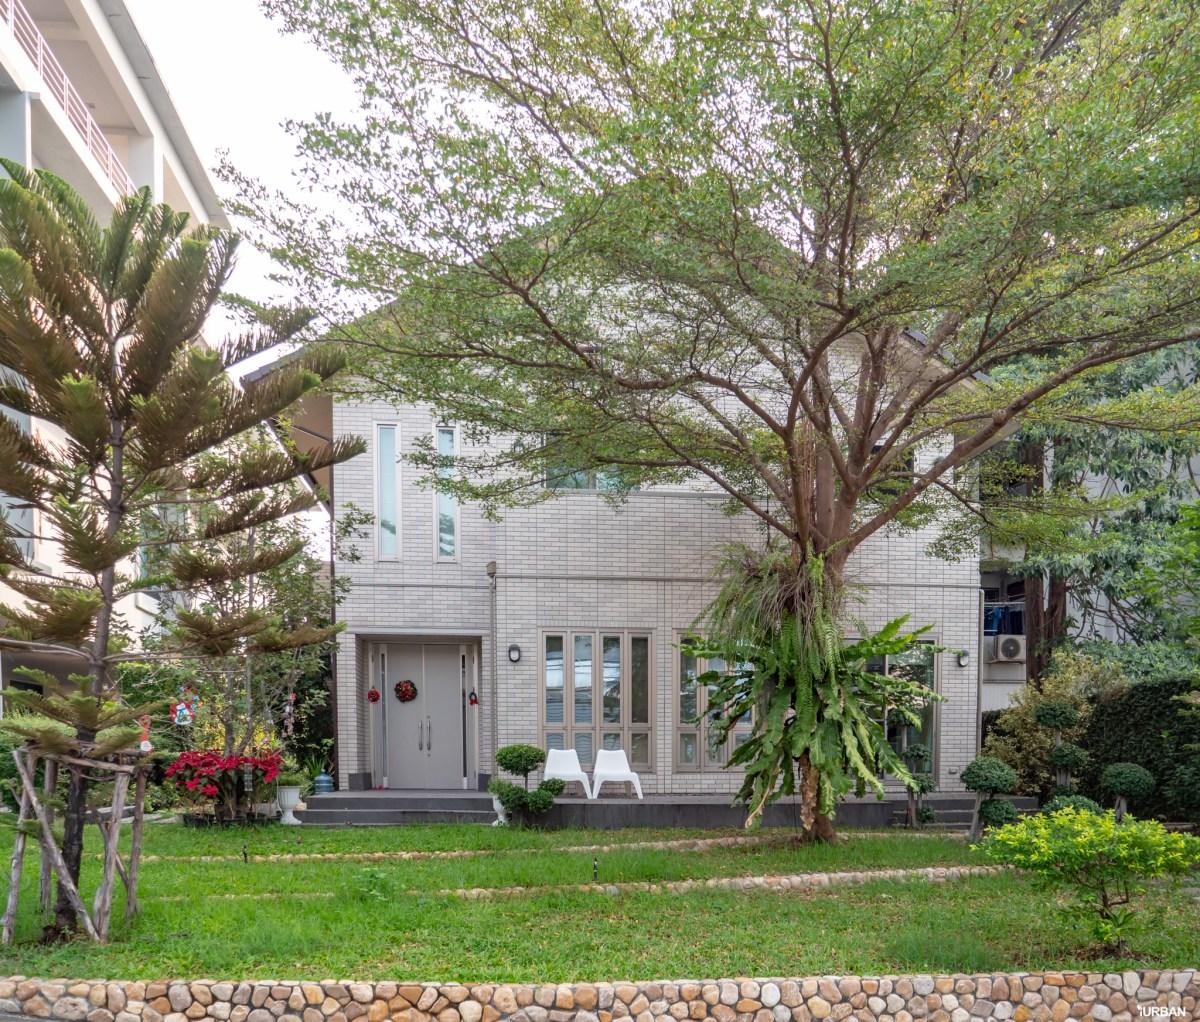 หน้าบ้าน SCG Heim ที่คุณนพพรเป็นคนออกแบบ